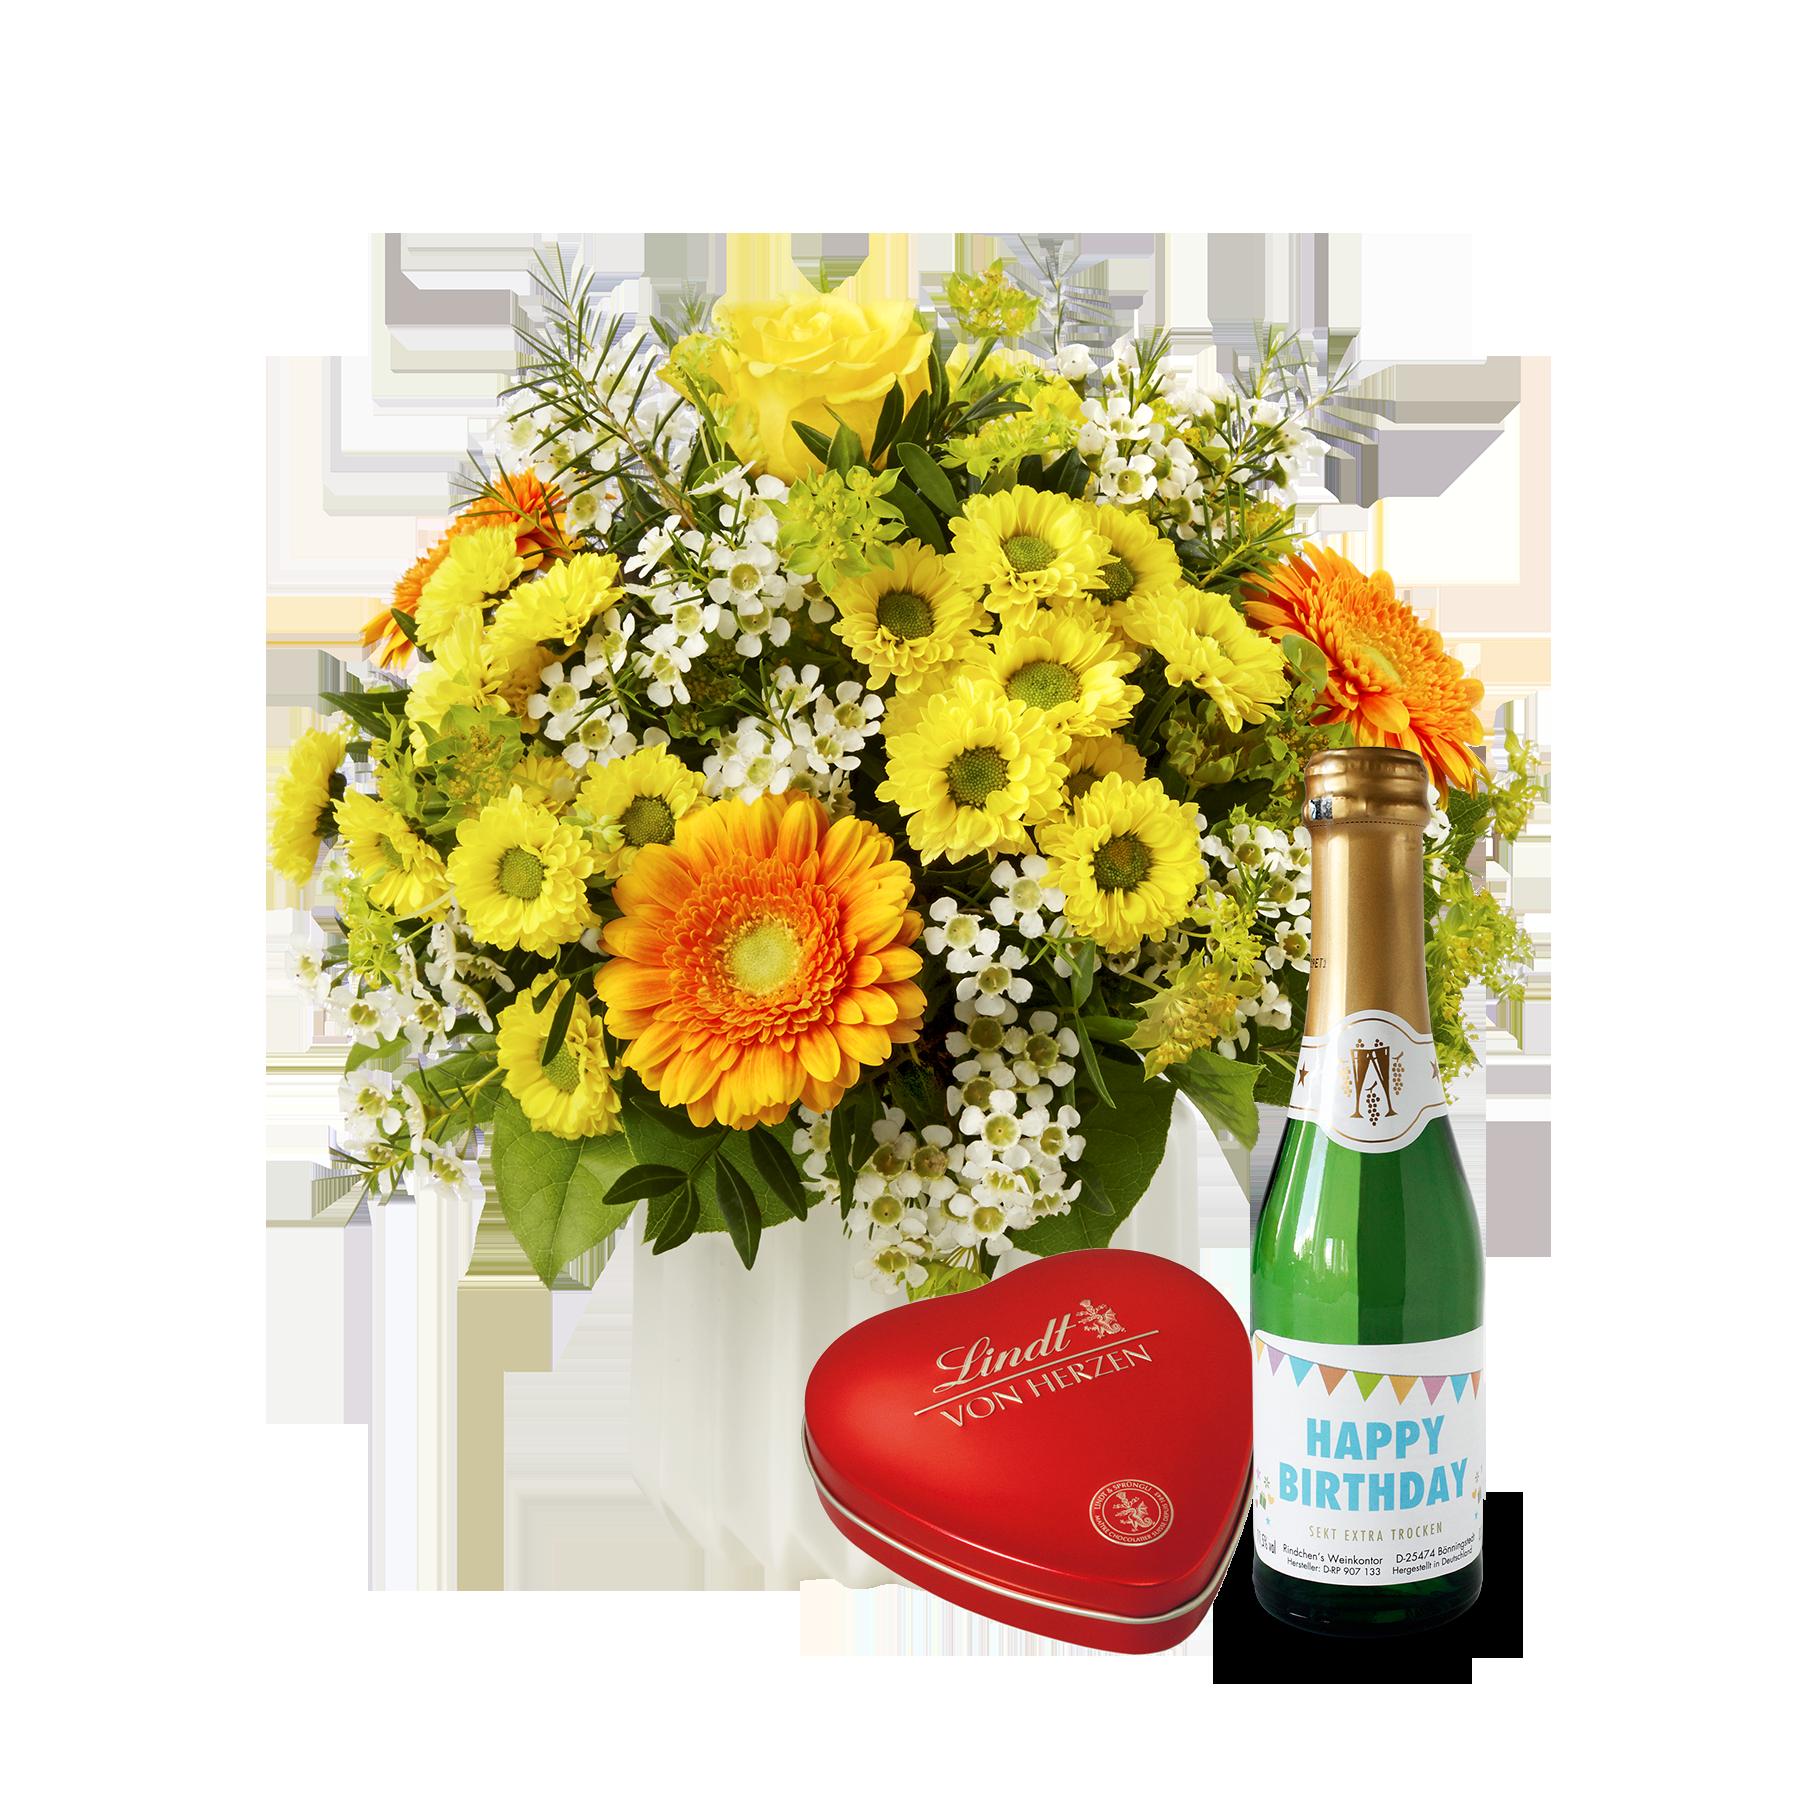 #Blumenstrauß Geburtstagsüberraschung mit Lindt Herz und Geburtstagssekt#